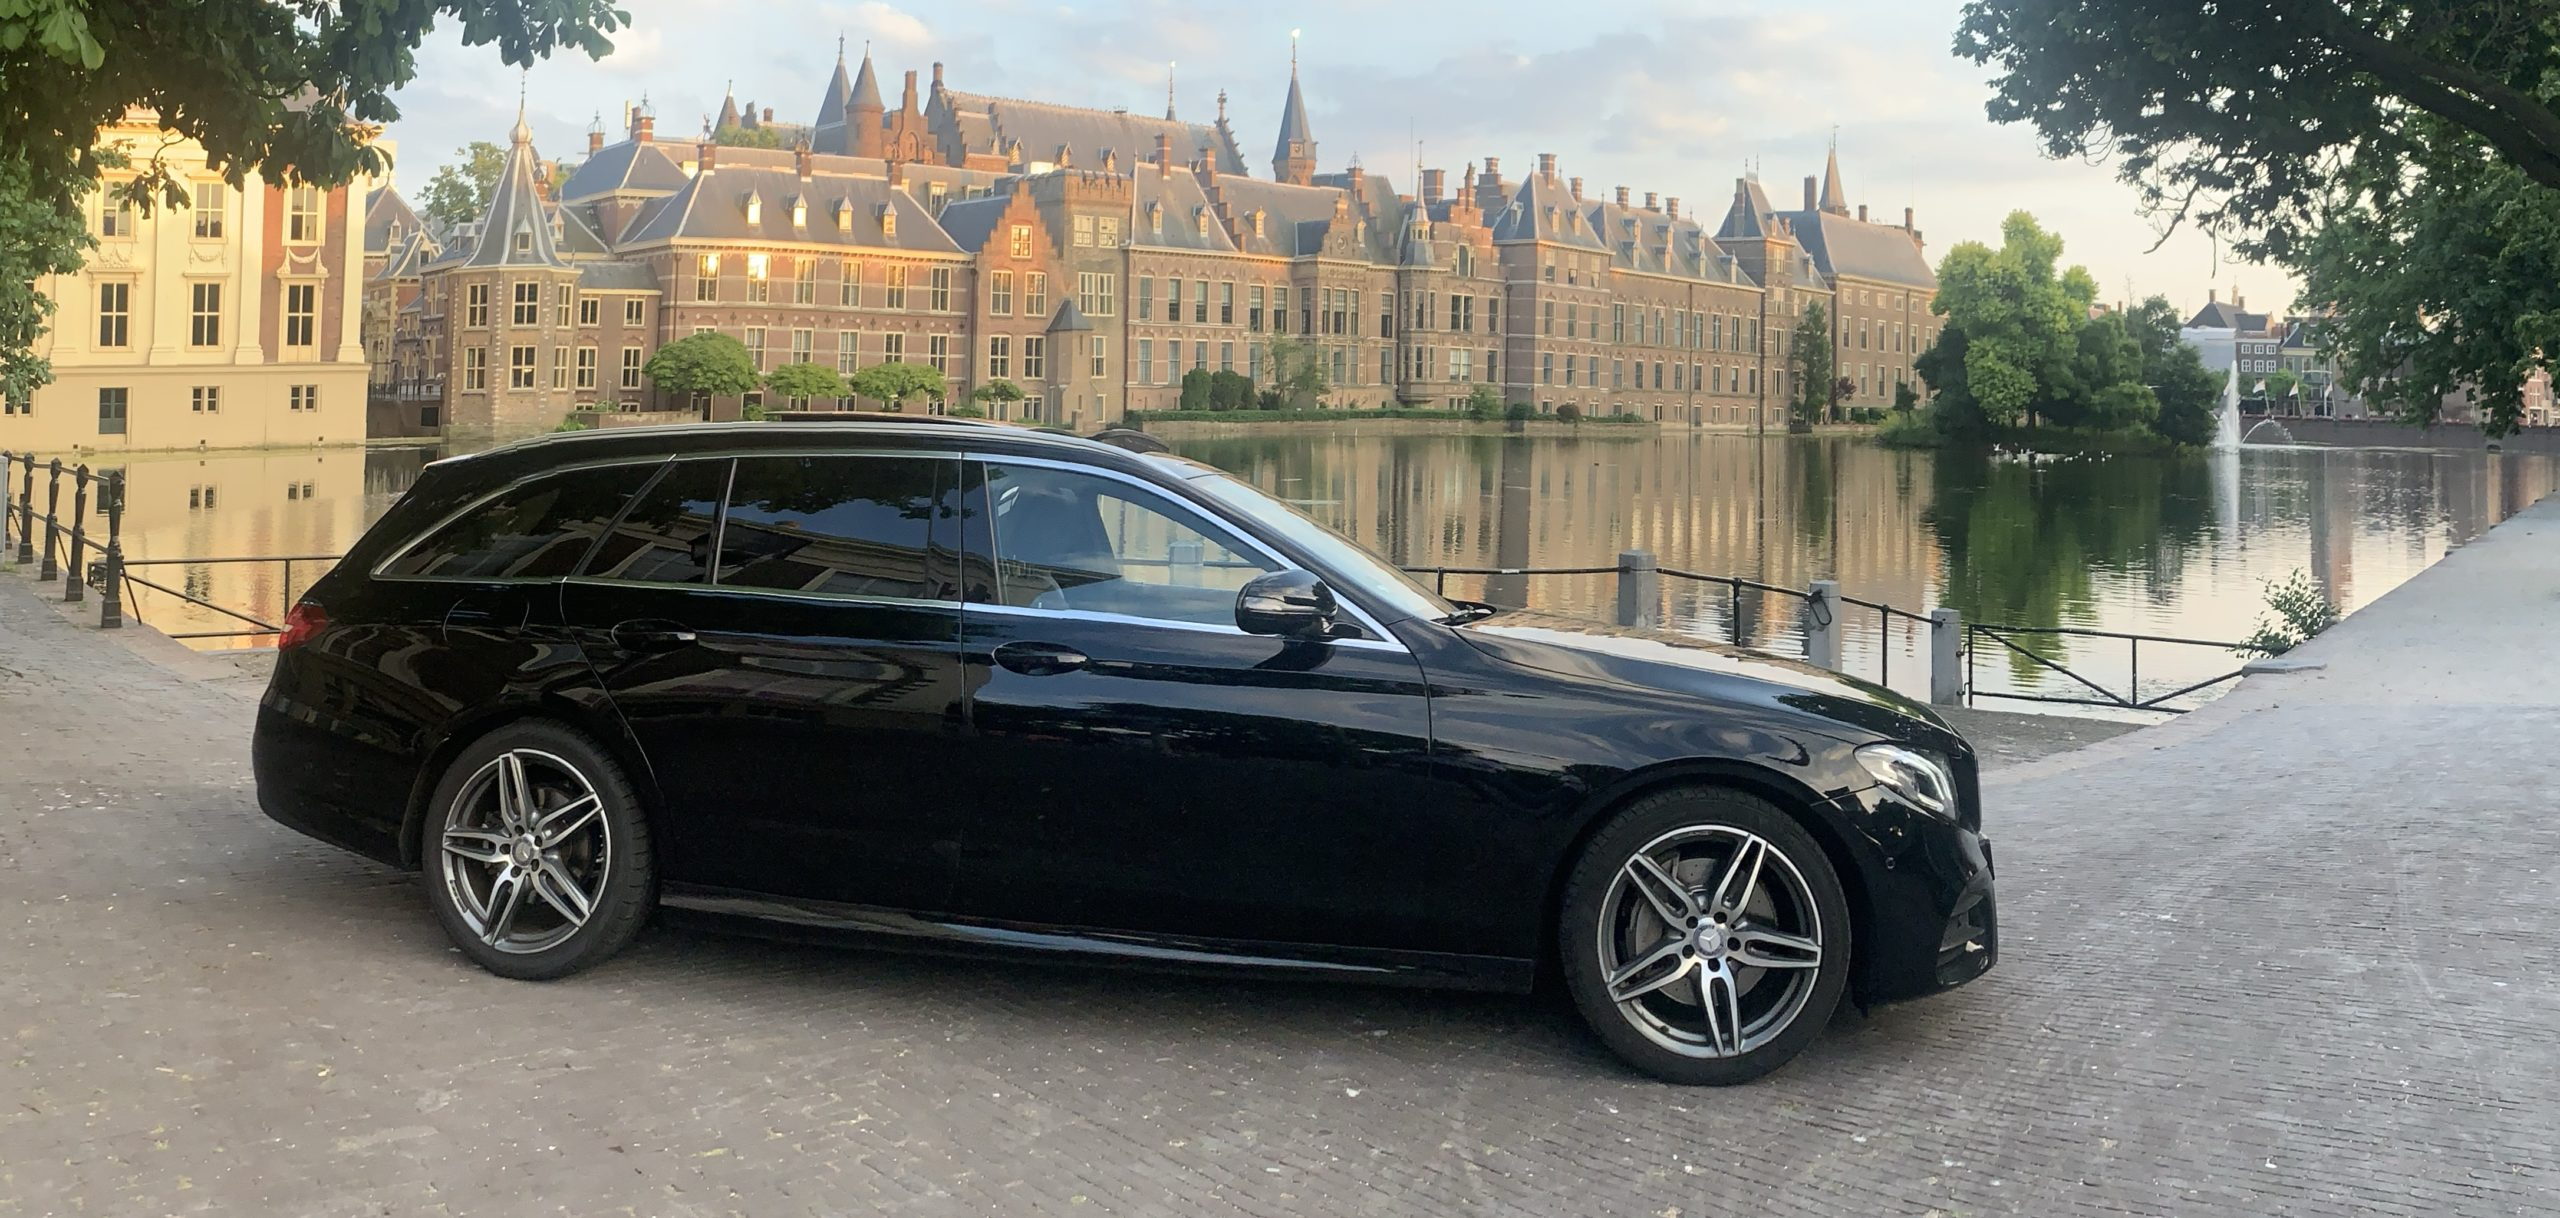 Taxi Maarssen Den Haag nodig?